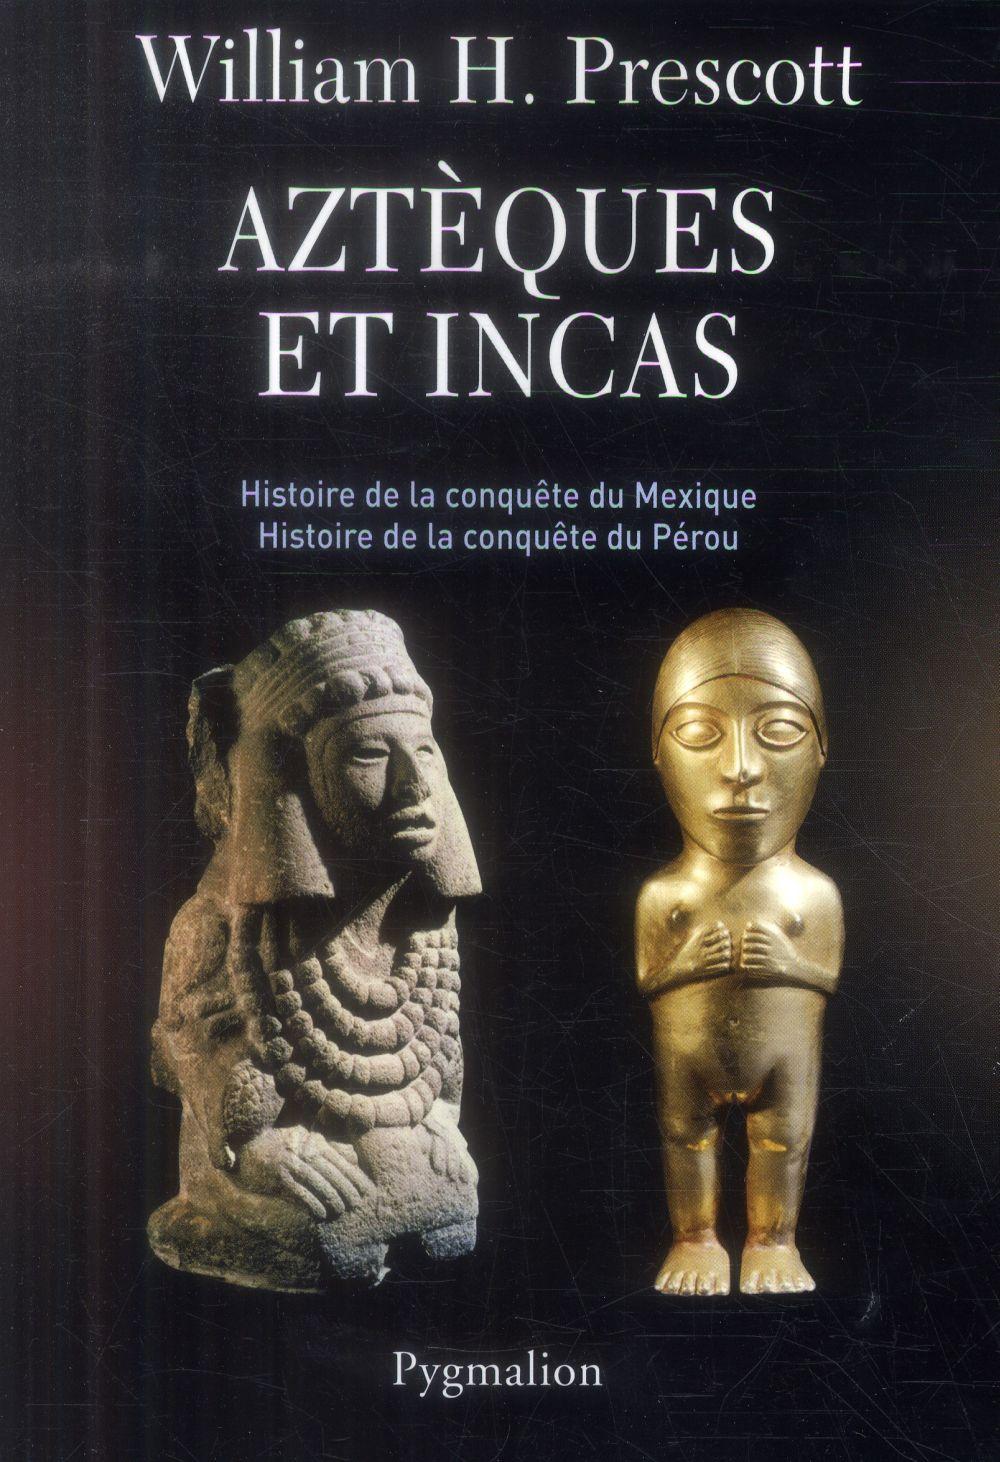 AZTEQUES ET INCAS - HISTOIRE DE LA CONQUETE DU MEXIQUE, HISTOIRE DE LA CONQUETE DU PEROU